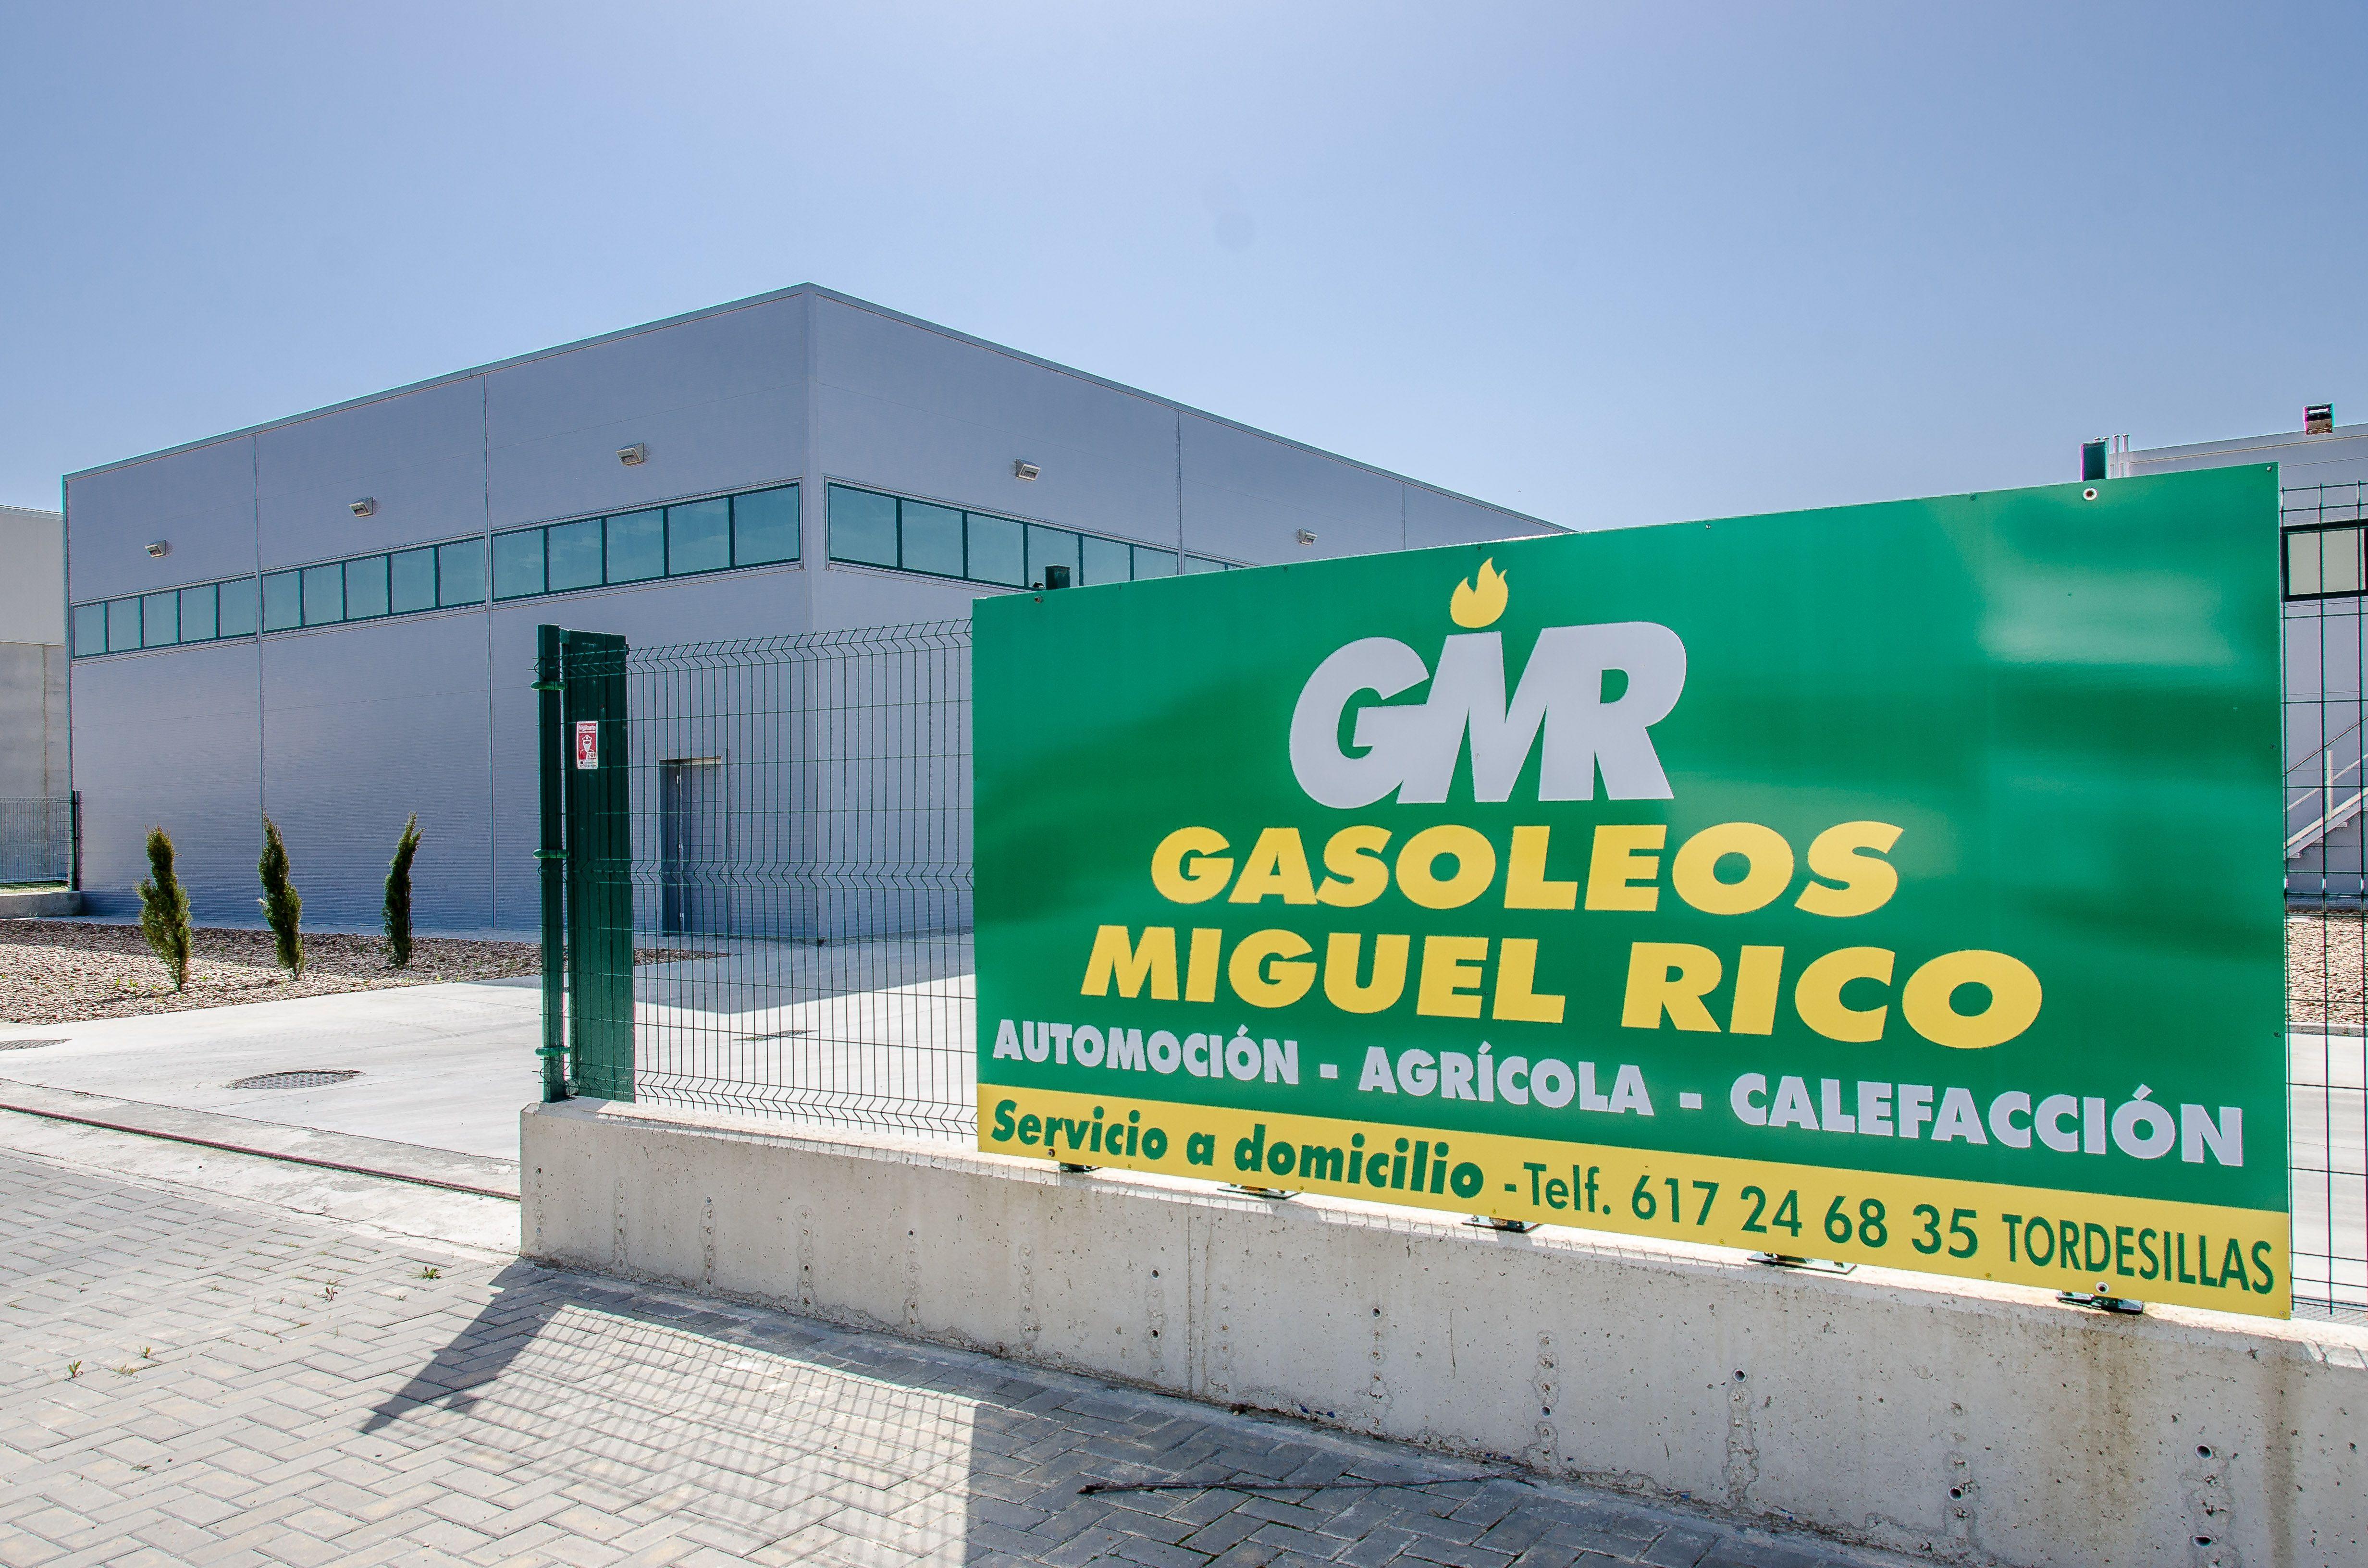 Distribución de gasóleo a domicilio en Tordesillas